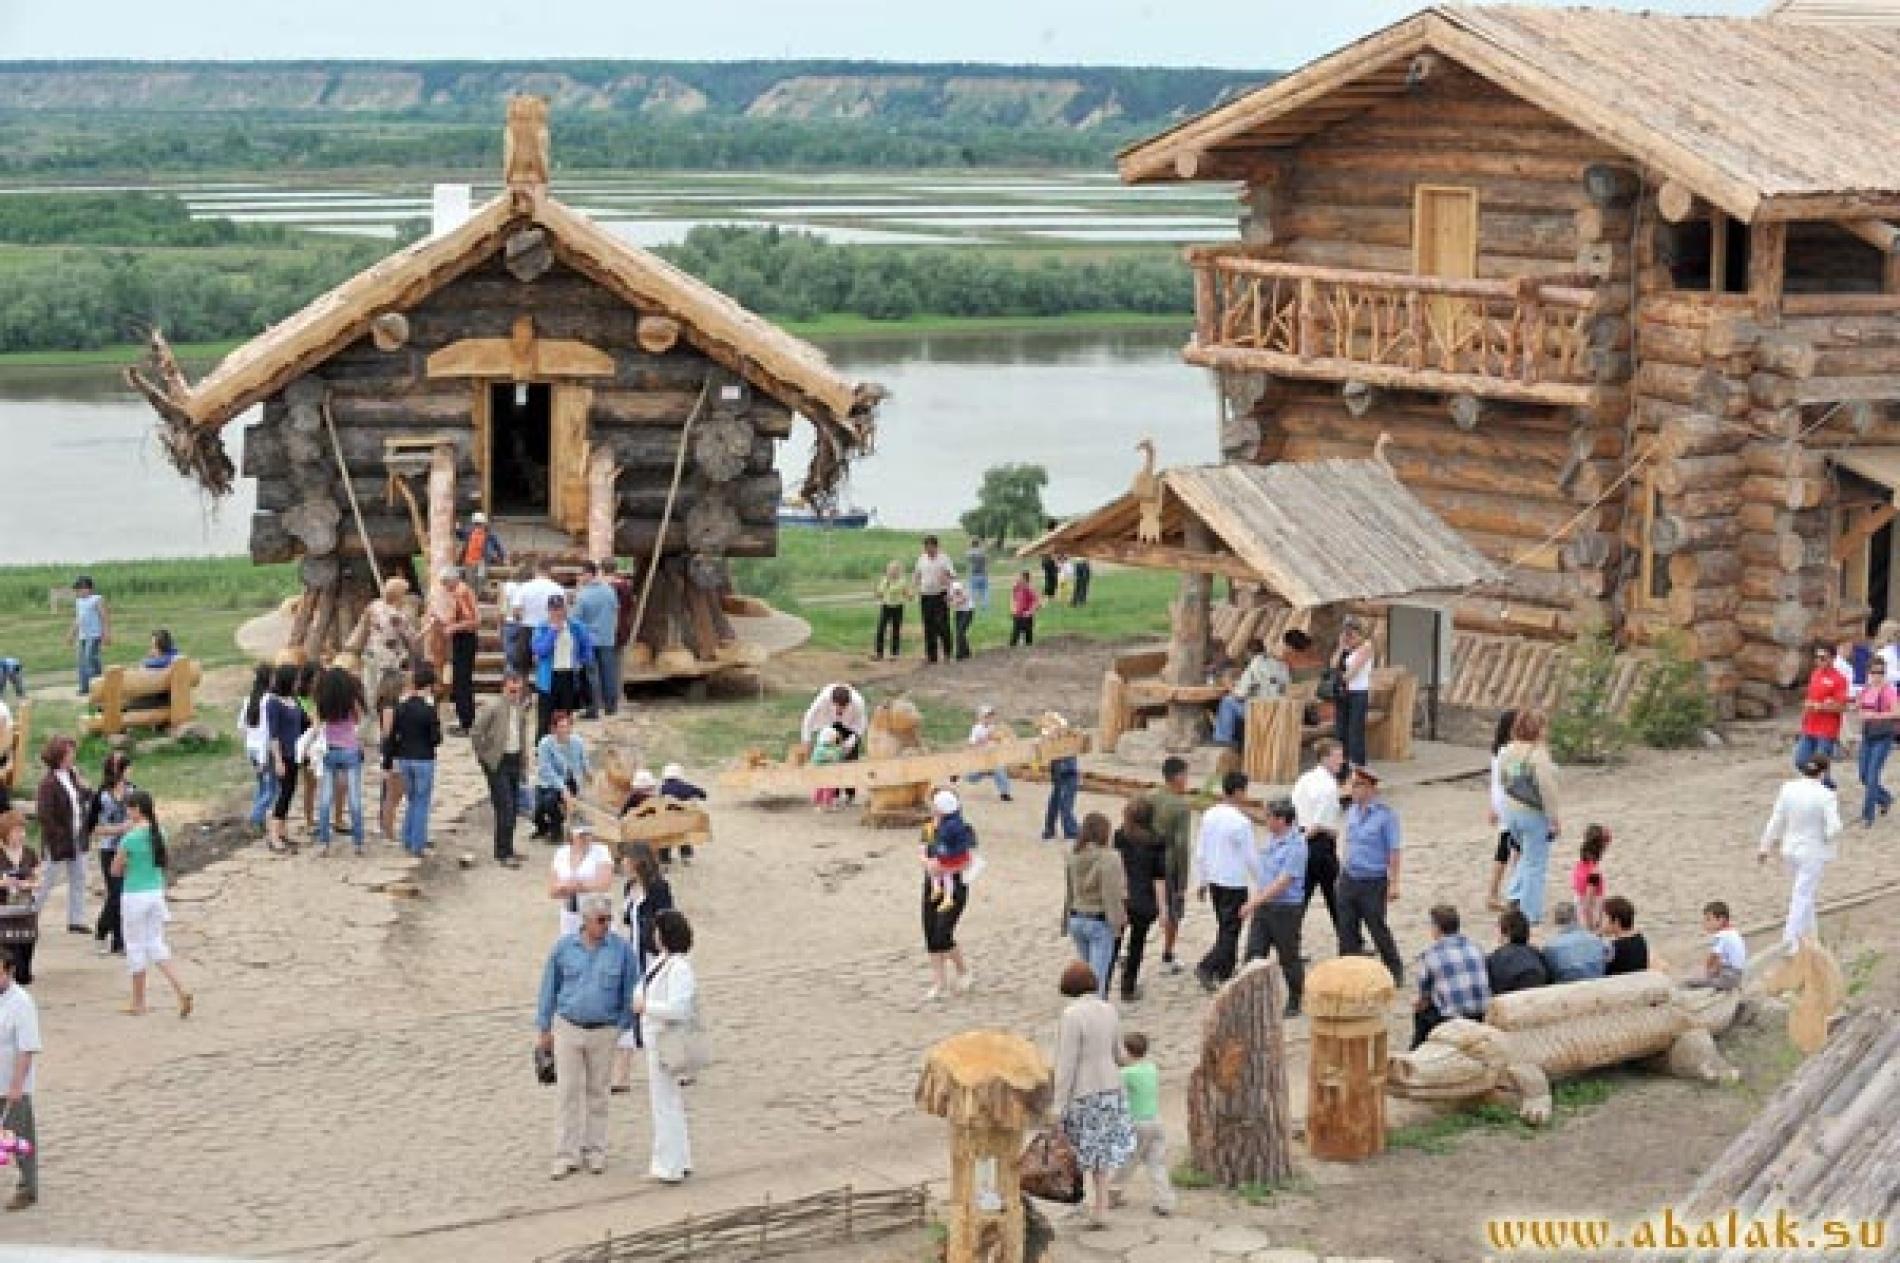 """База отдыха """"Абалак"""" Тюменская область, фото 13"""